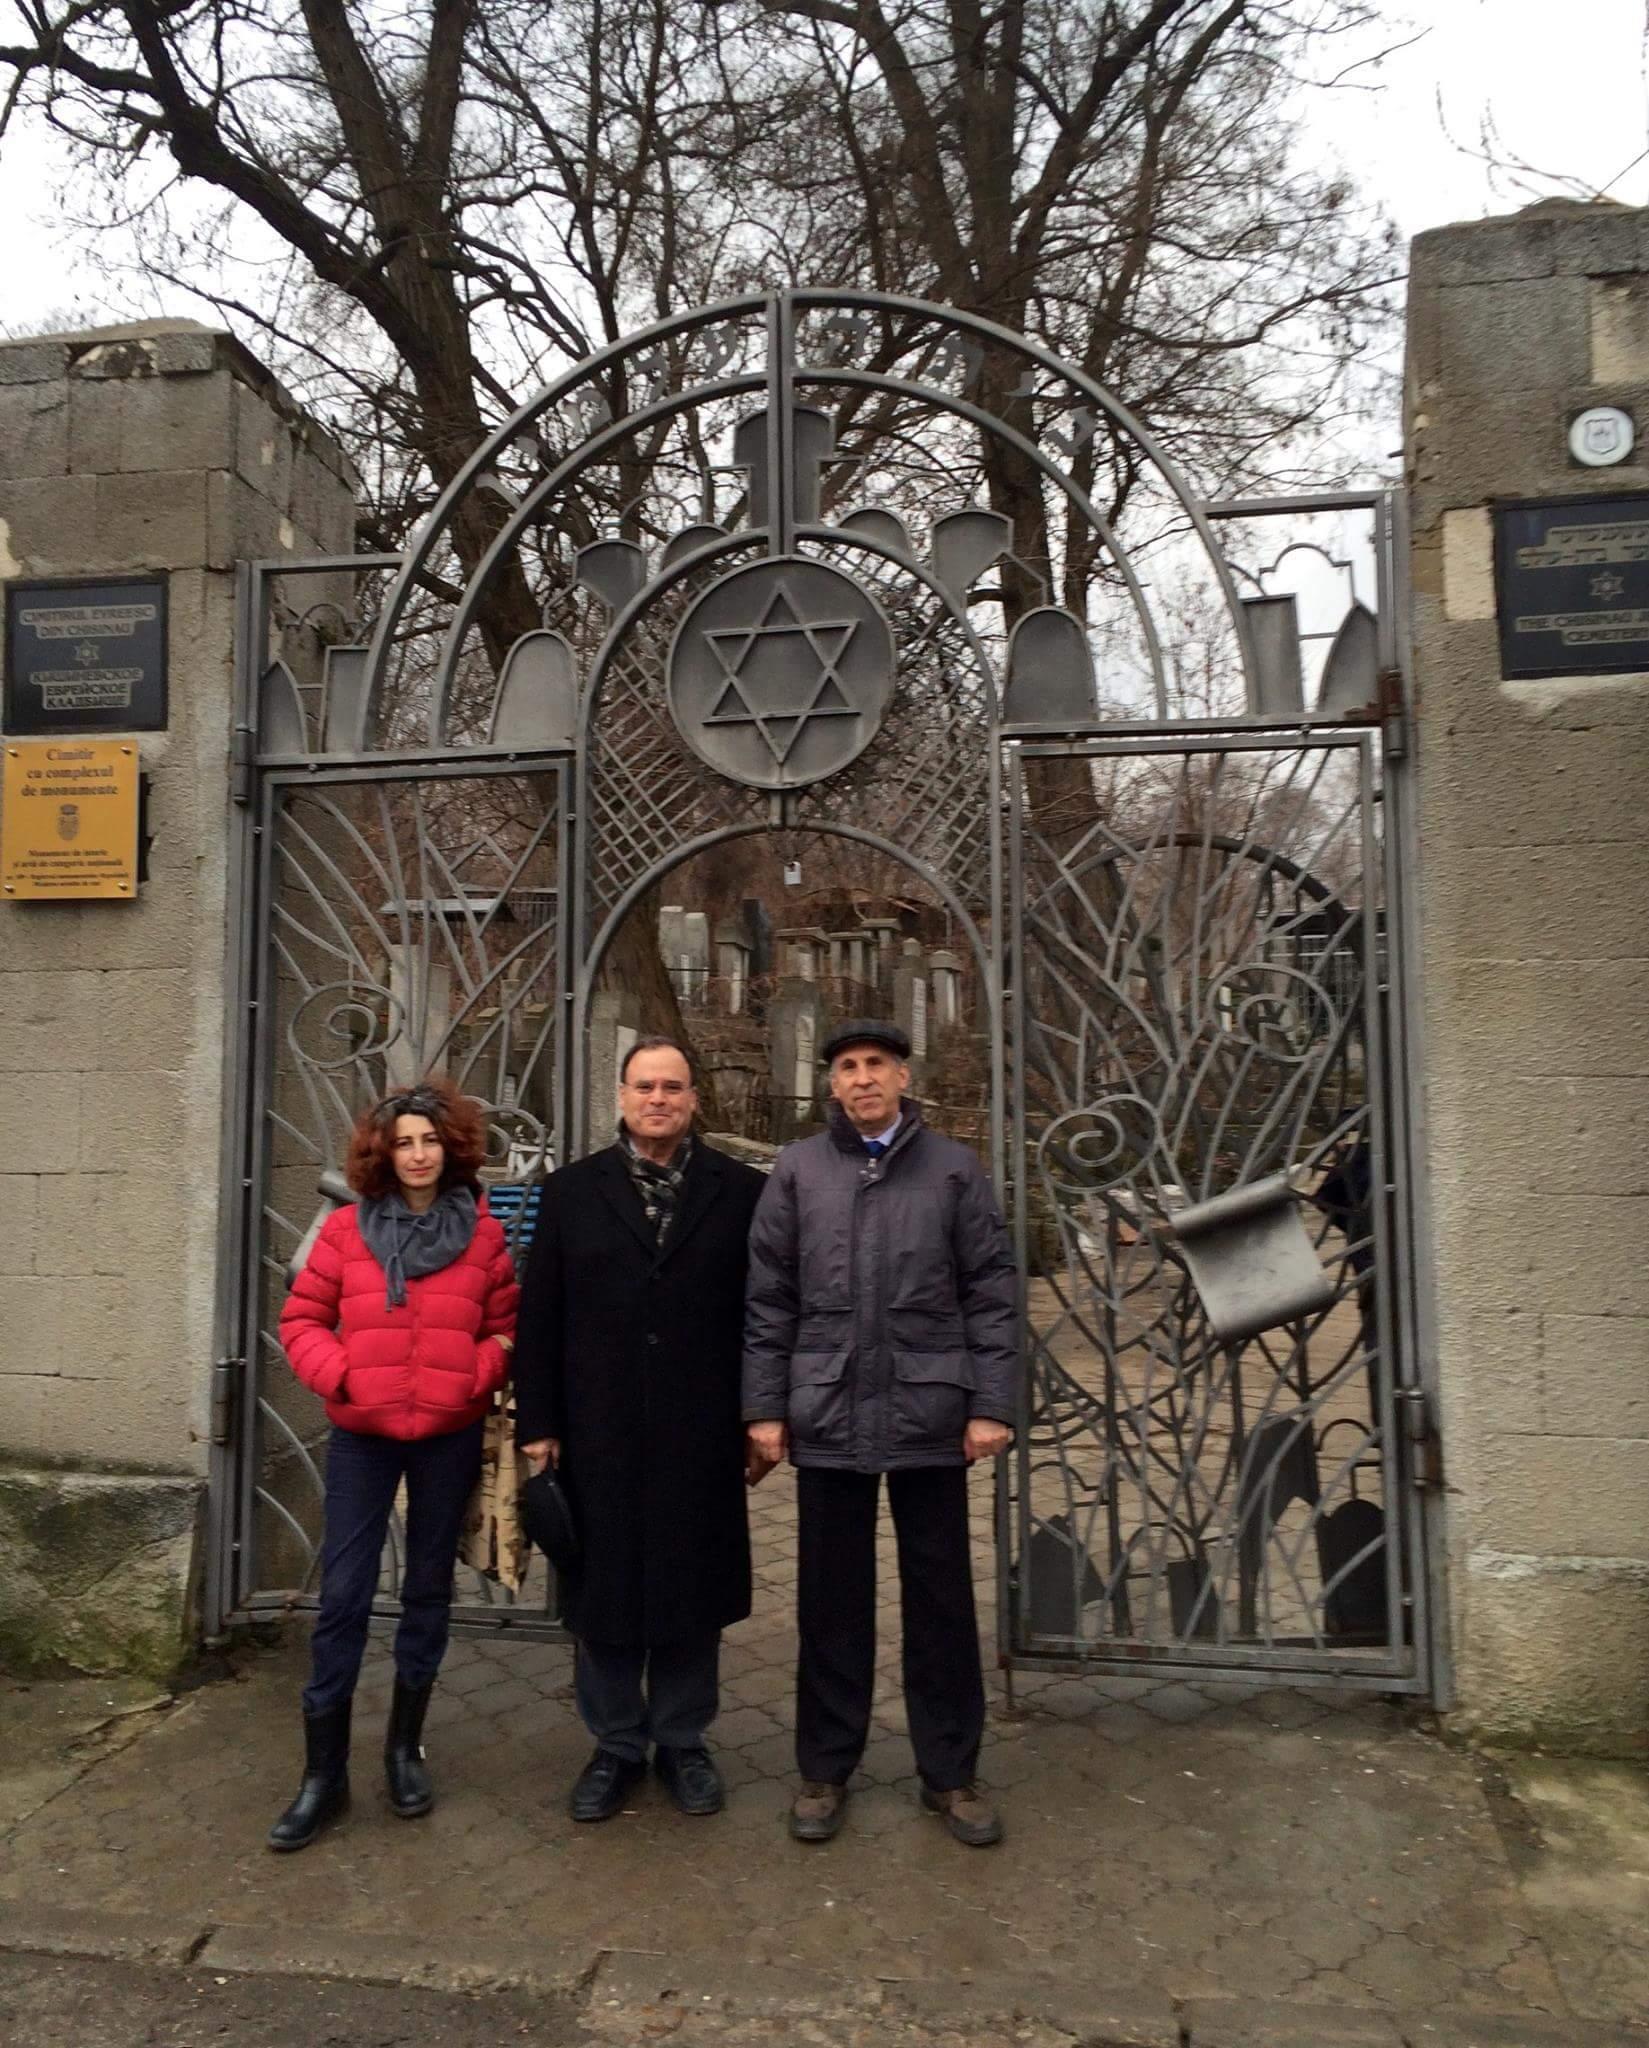 Cemeteryentrance.jpg